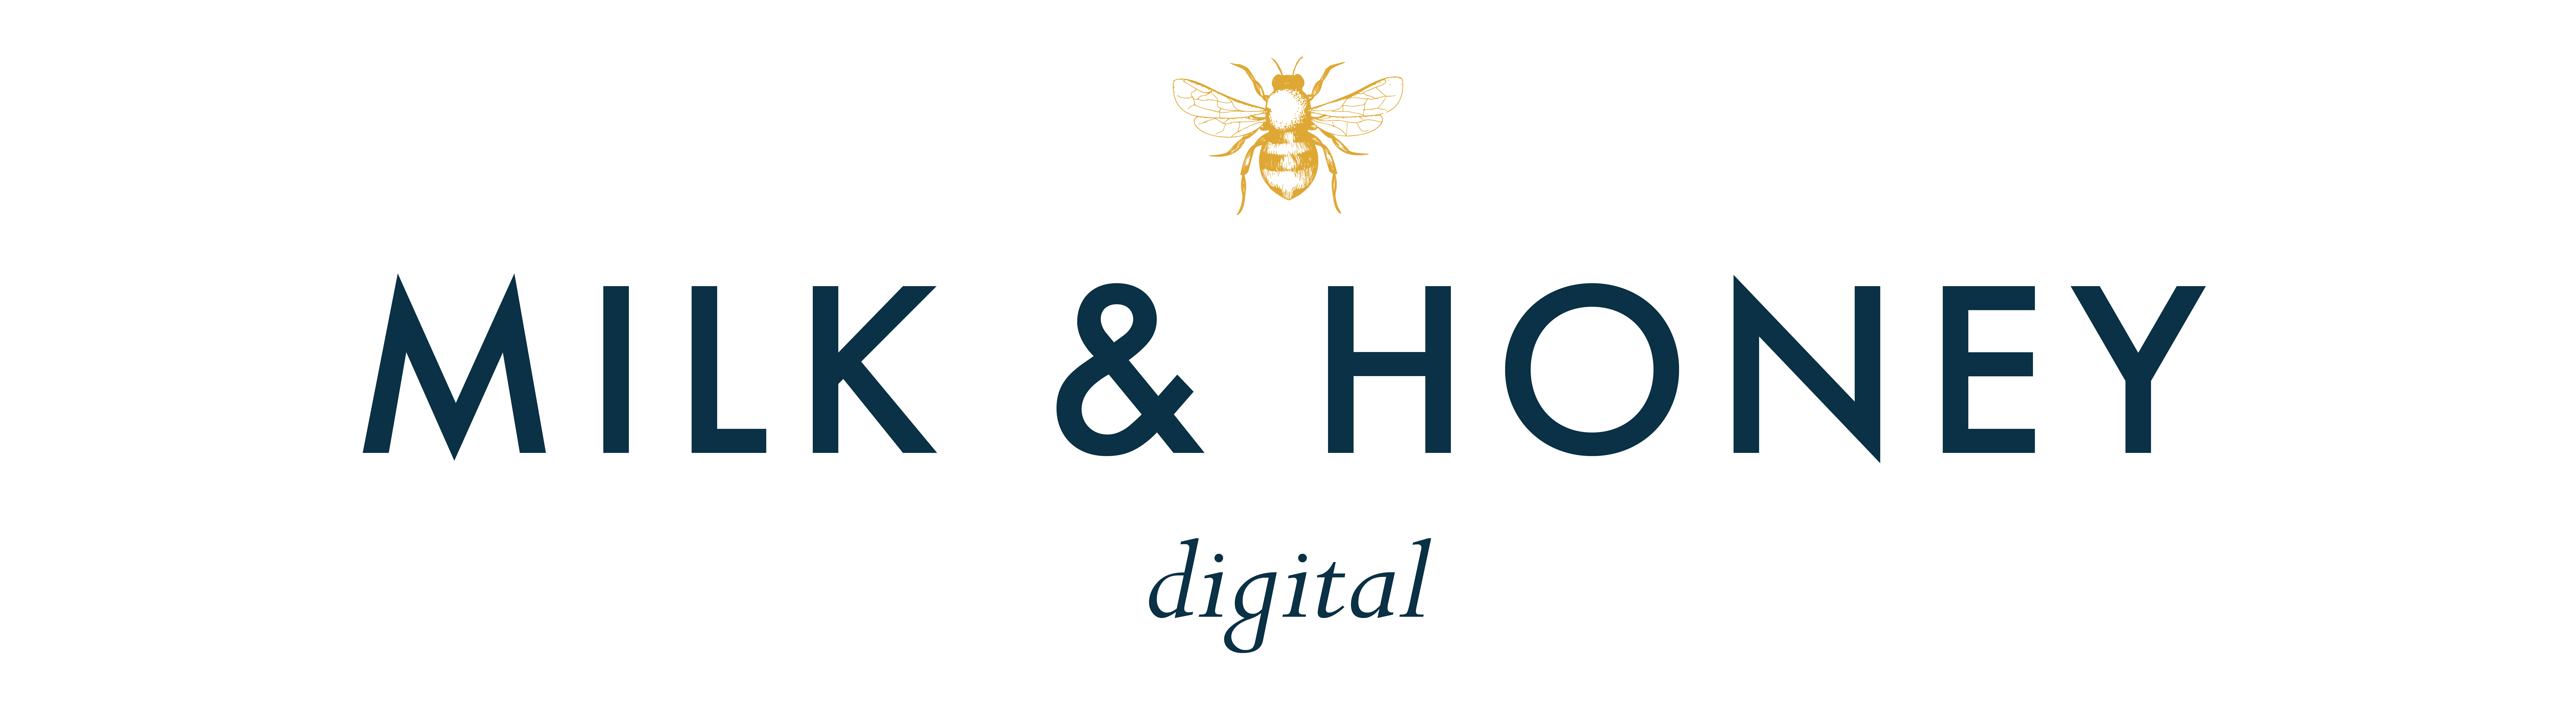 Milk & Honey Digital